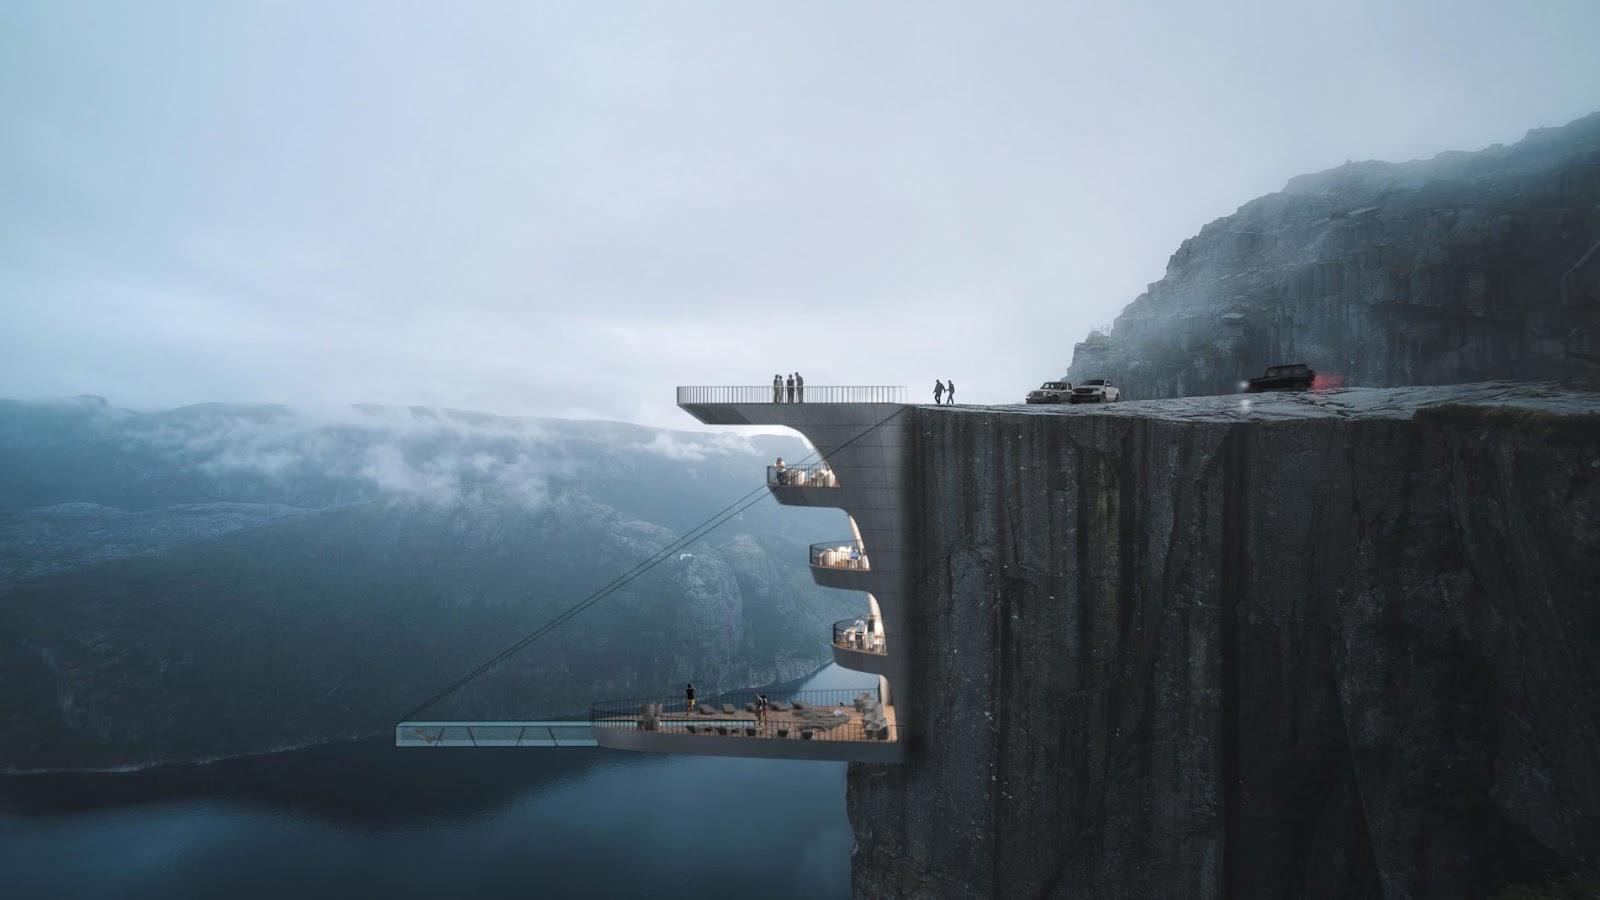 Toàn cảnh dự án khách sạn boutique có hồ bơi đáng sợ